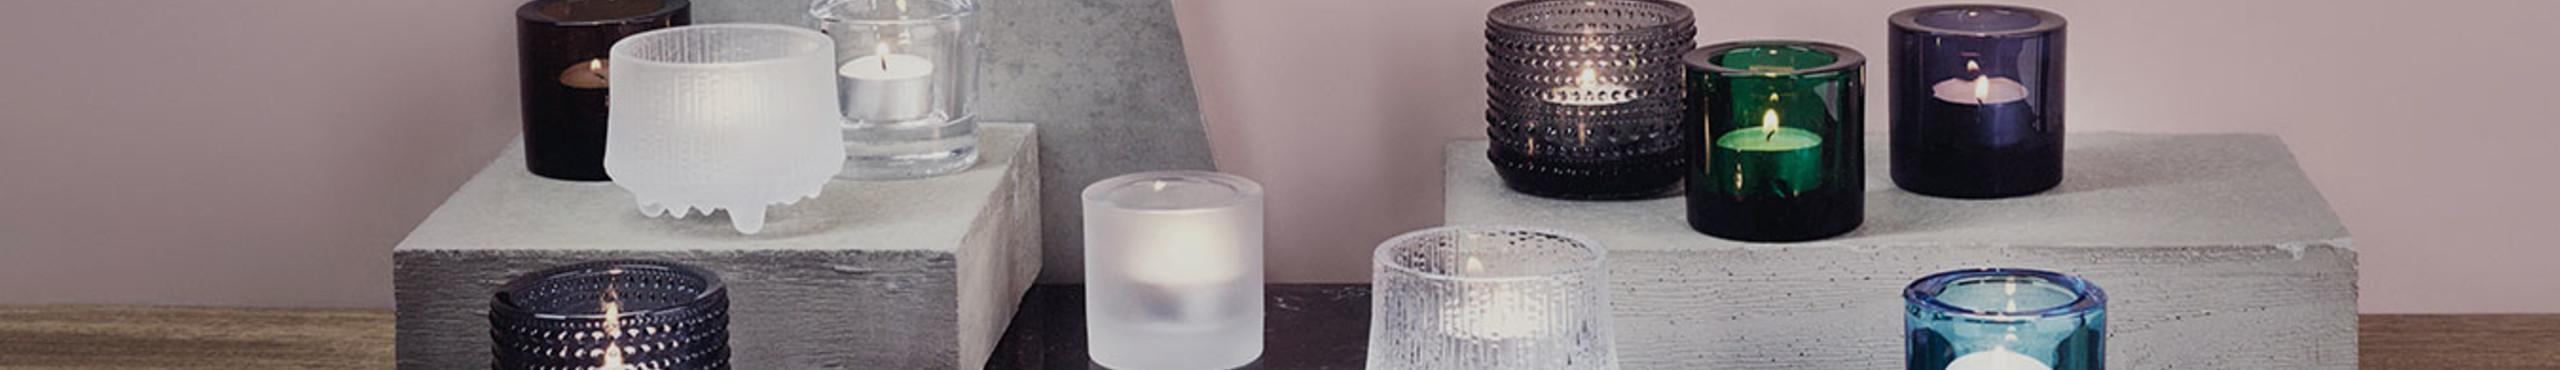 Bra Ljuslyktor - Förgyll ditt hem med stämningsfulla lyktor BG-08